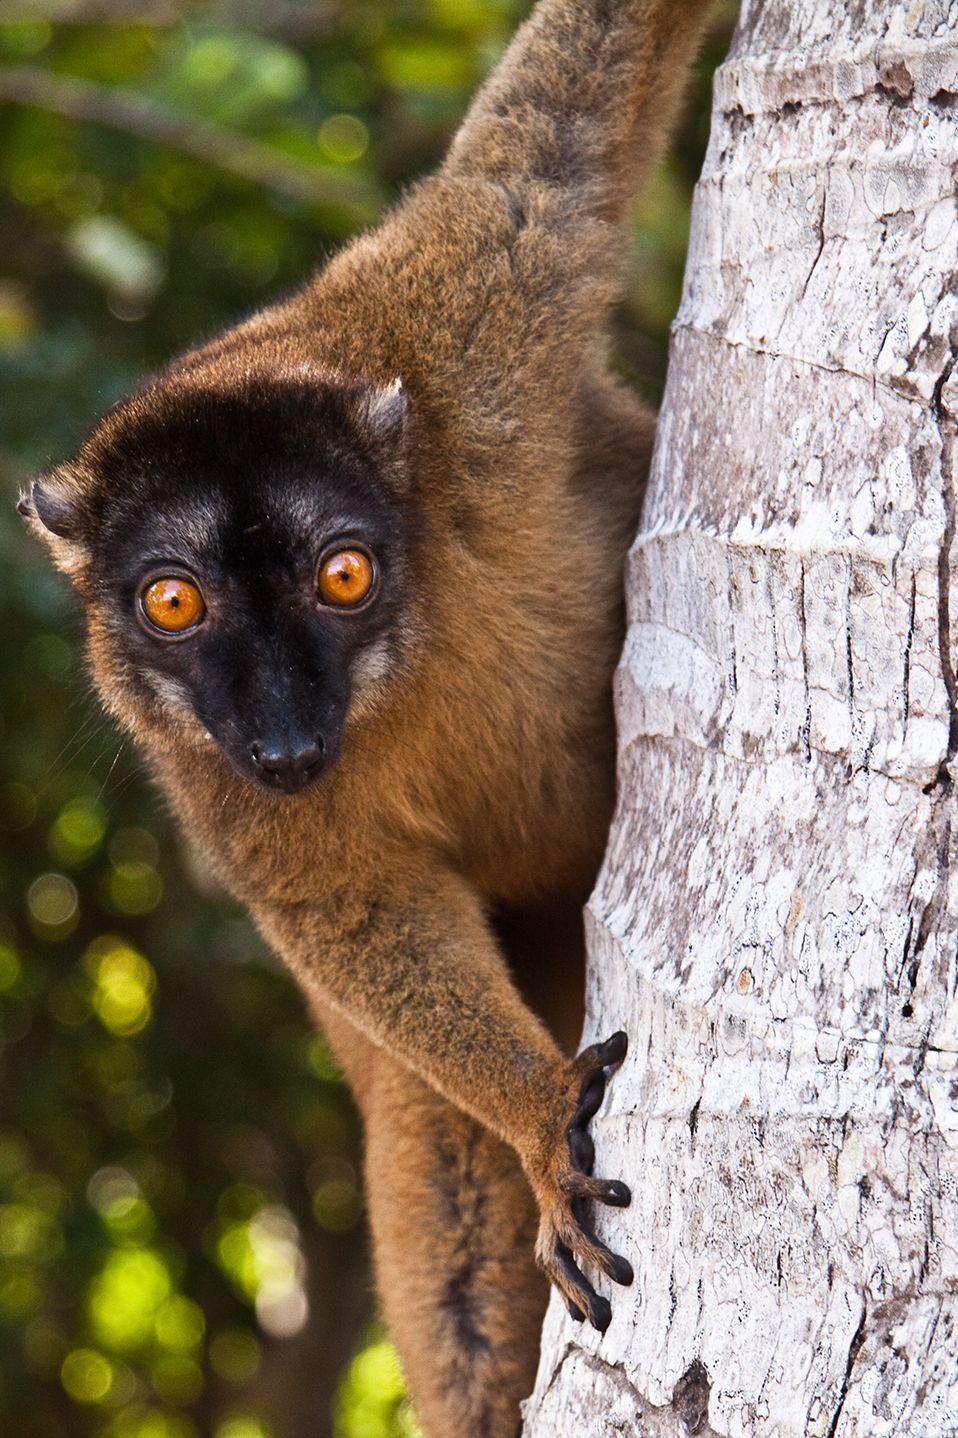 Epingle Par Mimosa Sur God S Amazing Creatures Animal Domestique Animaux Sauvages Lemurien